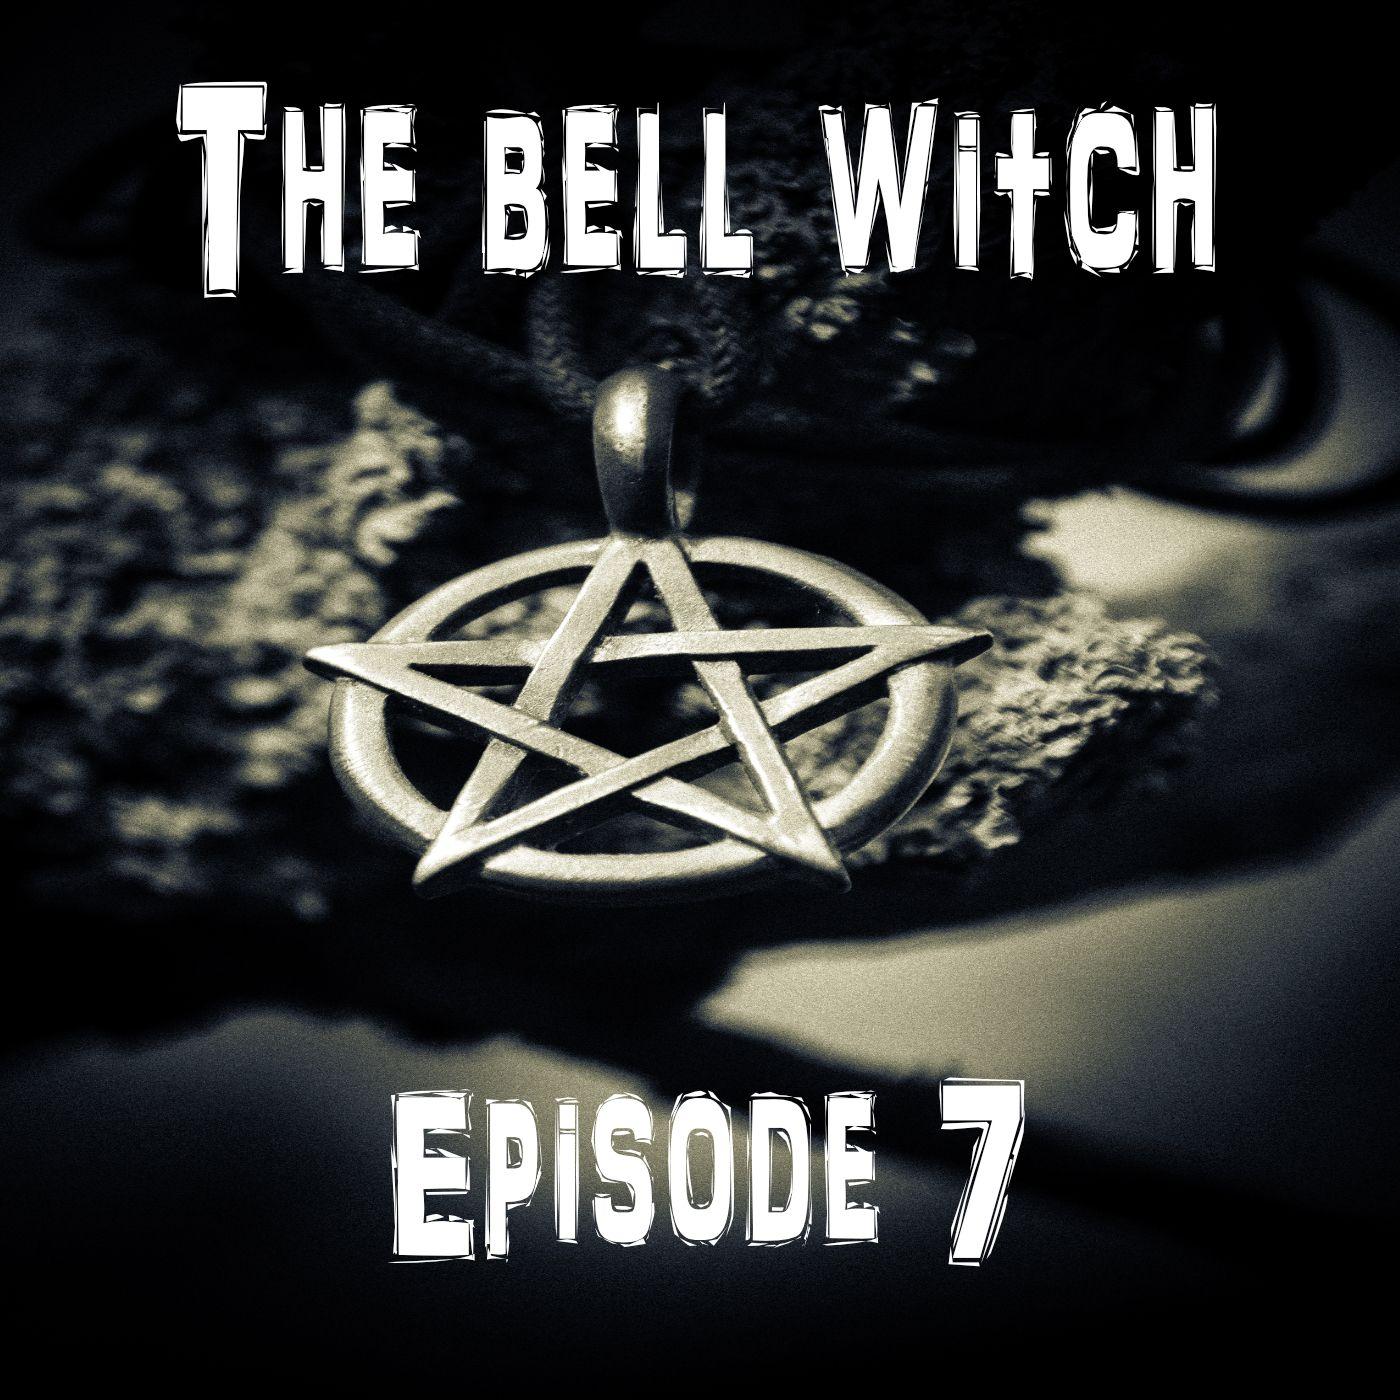 Fra den andre siden episode 7. The bell witch